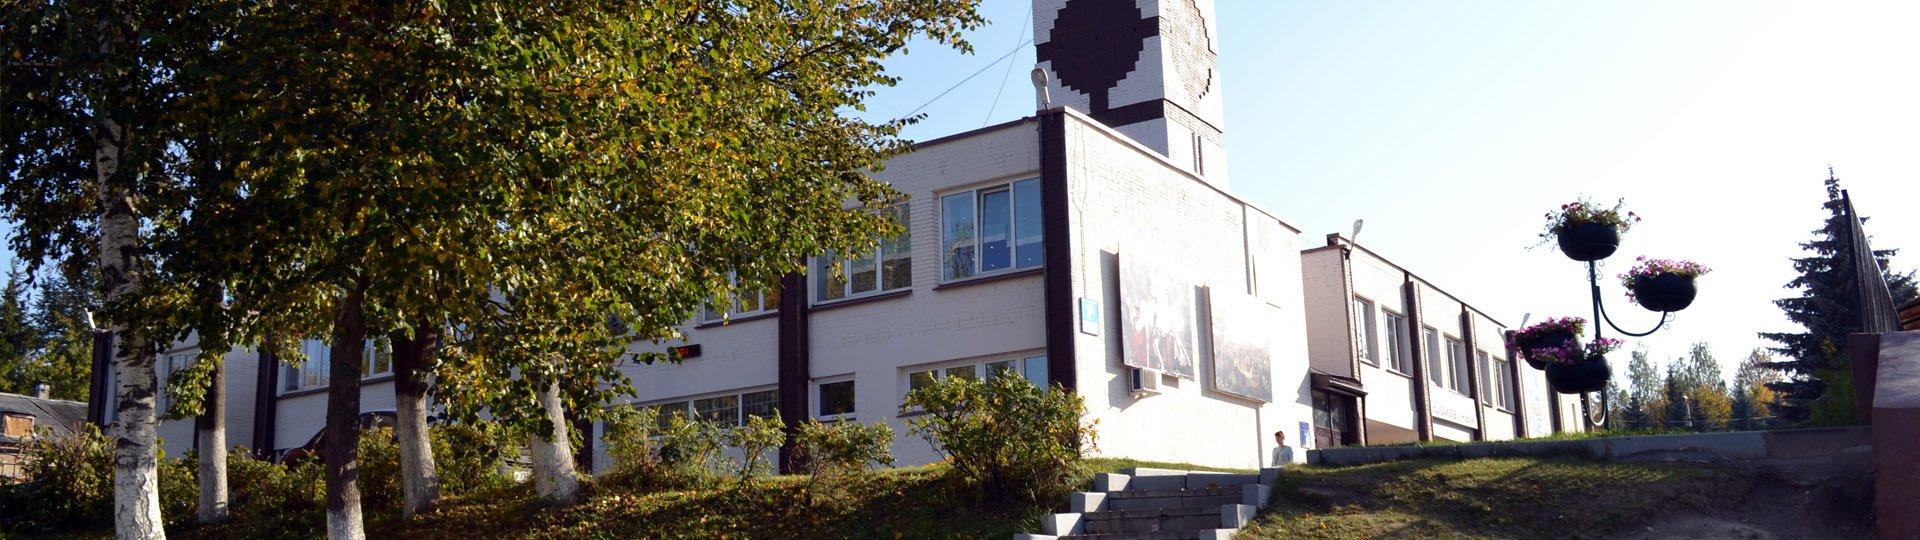 Администрация Роговского сельского поселения